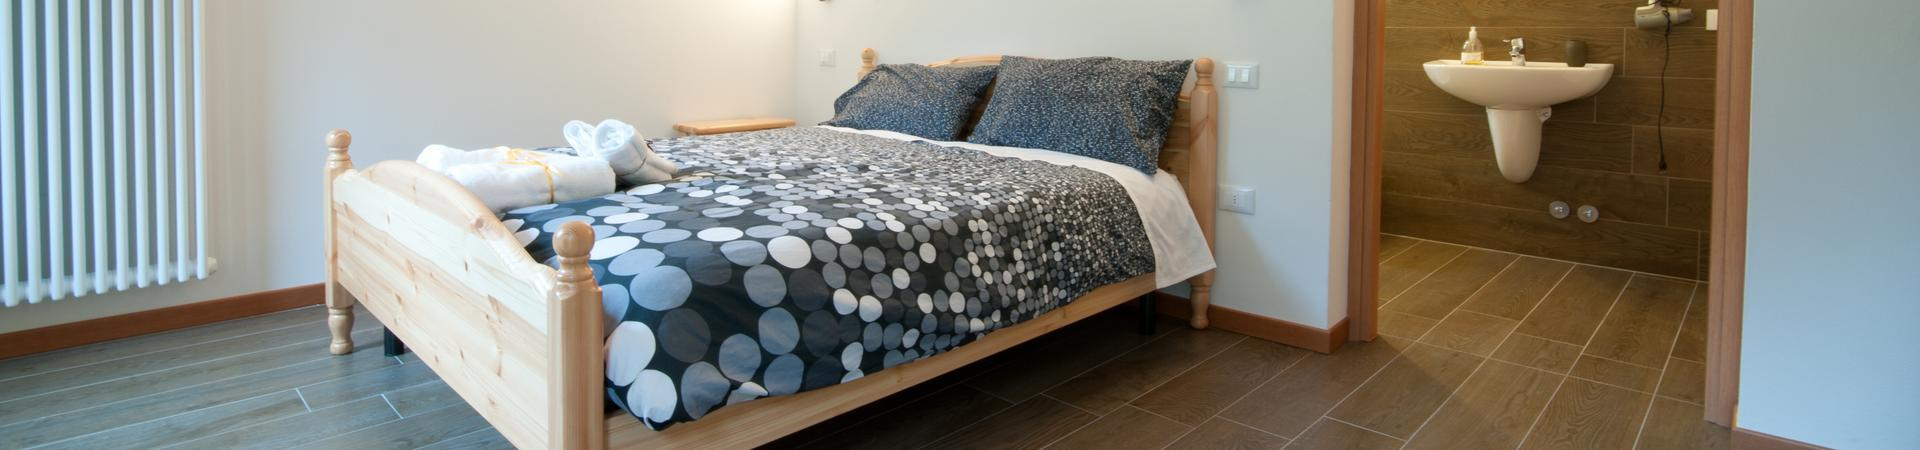 Le nostre camere: comode e accoglienti